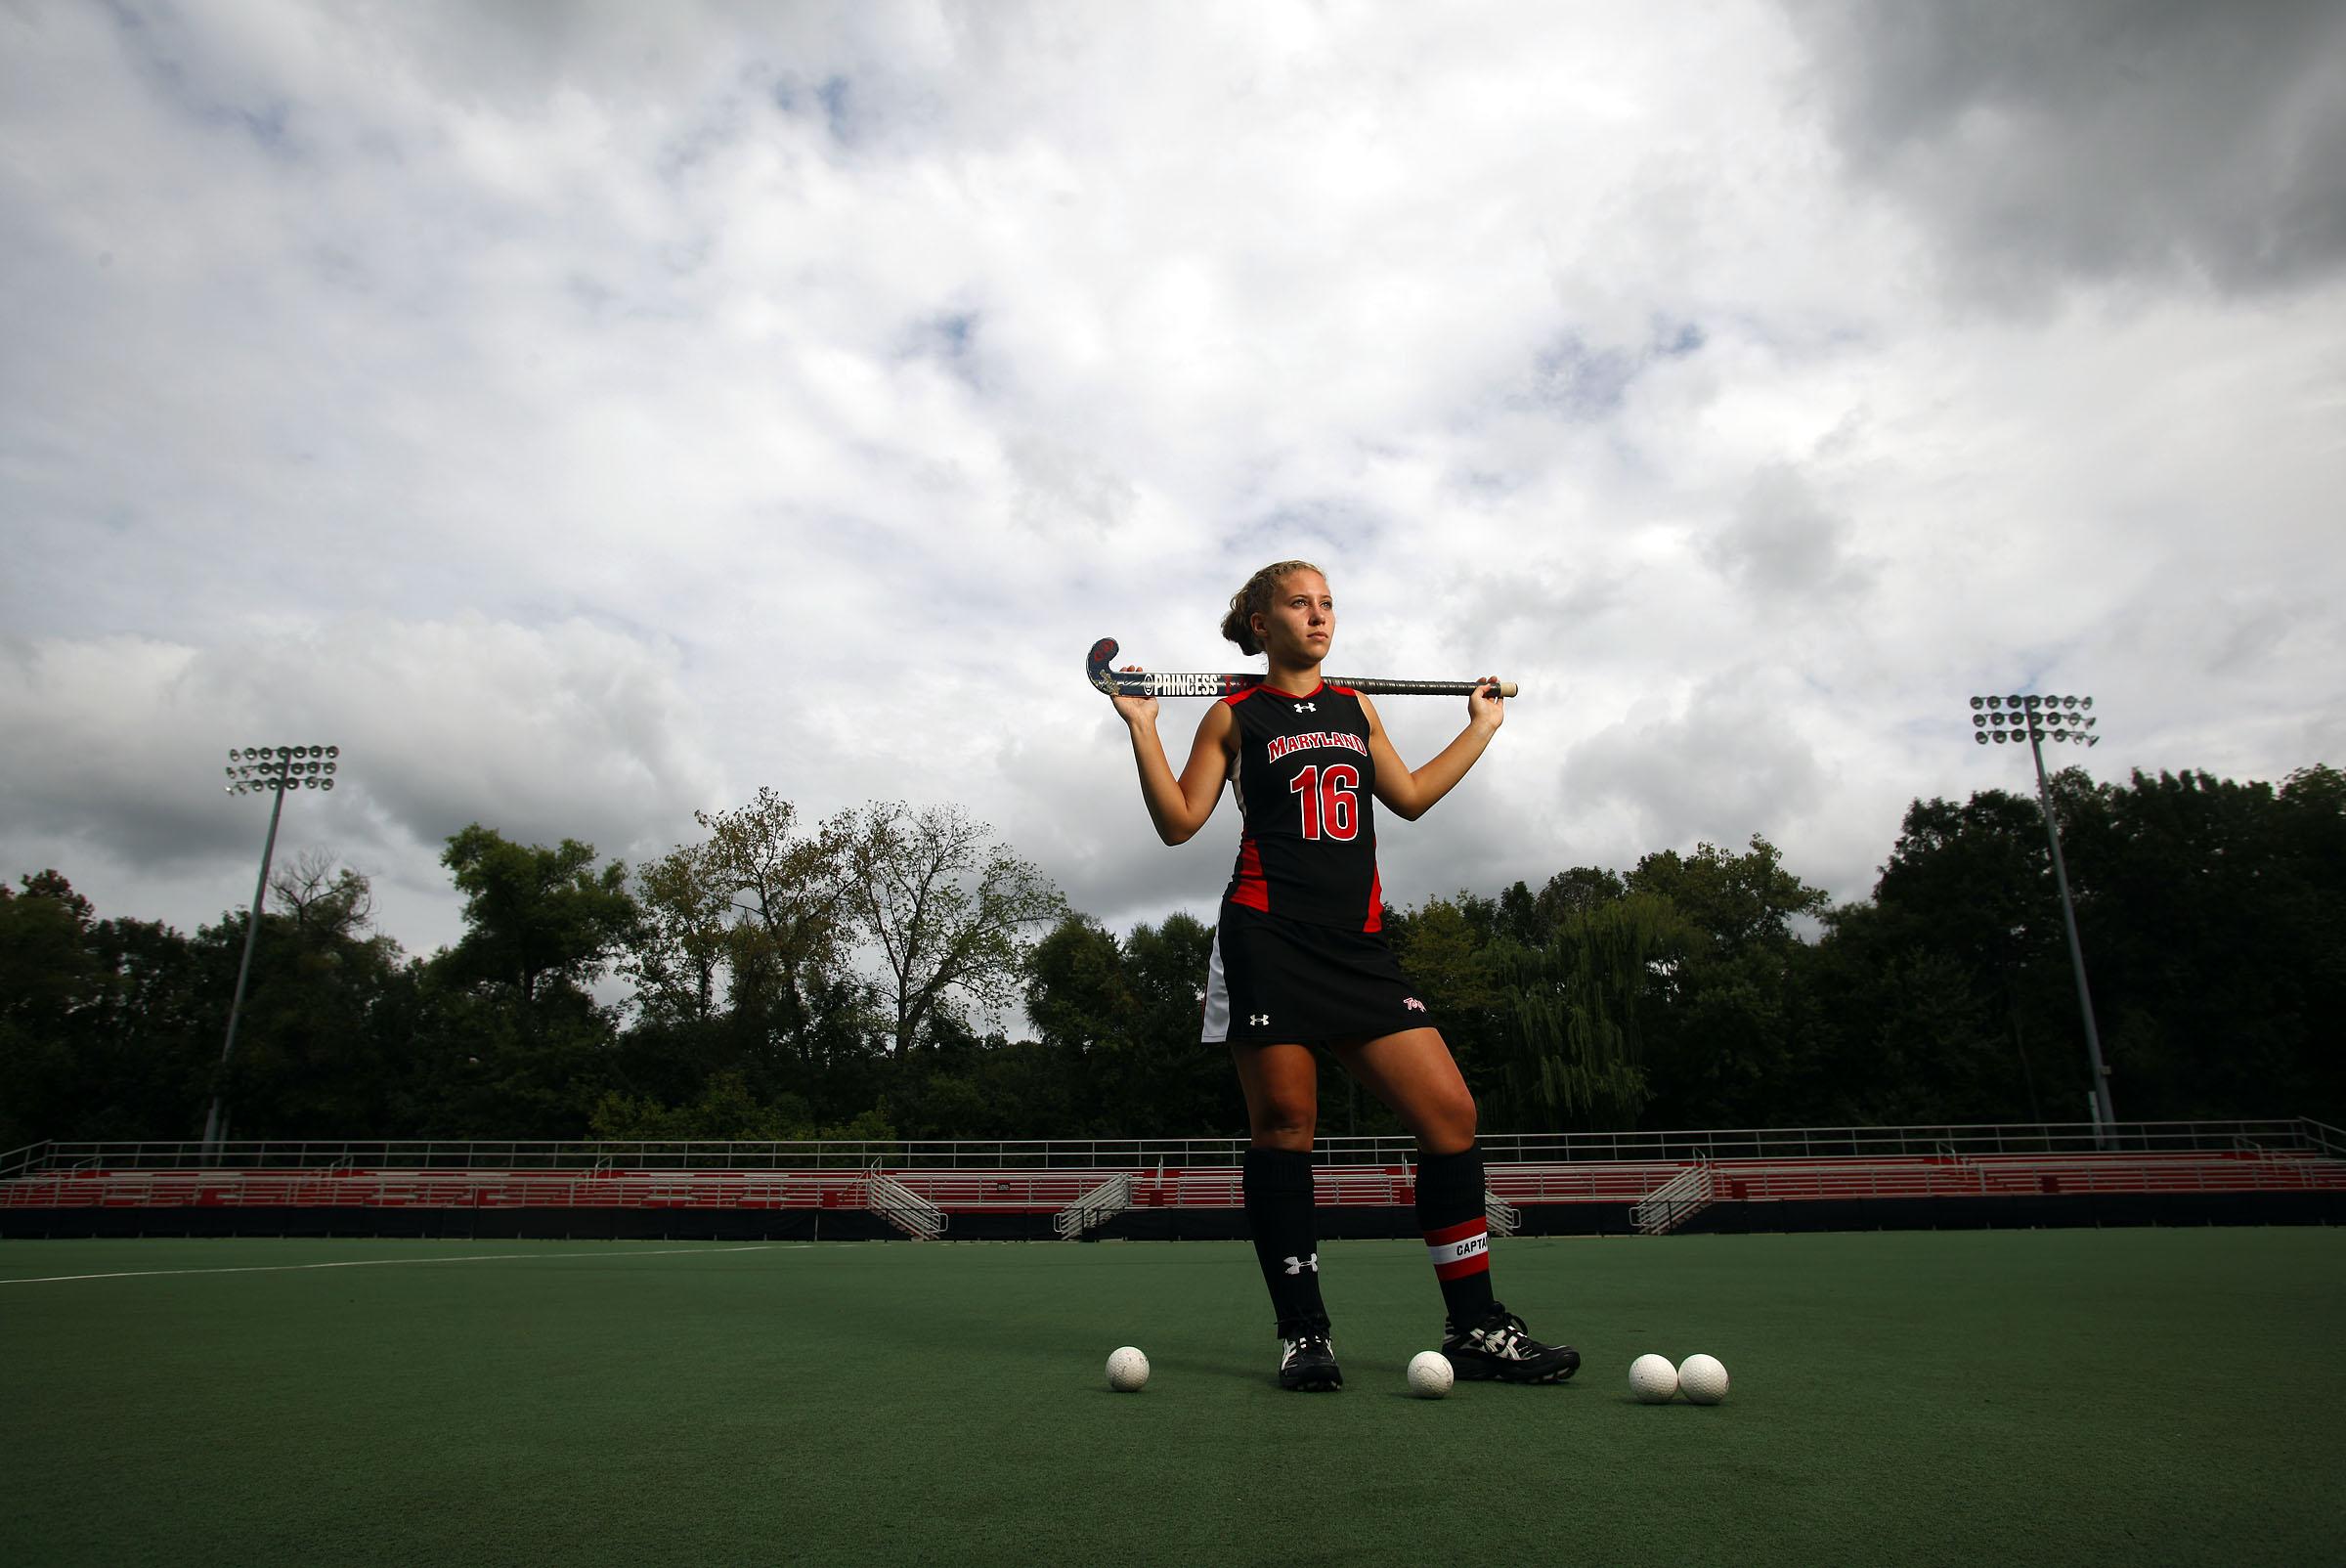 USM Olympian Katie Bam